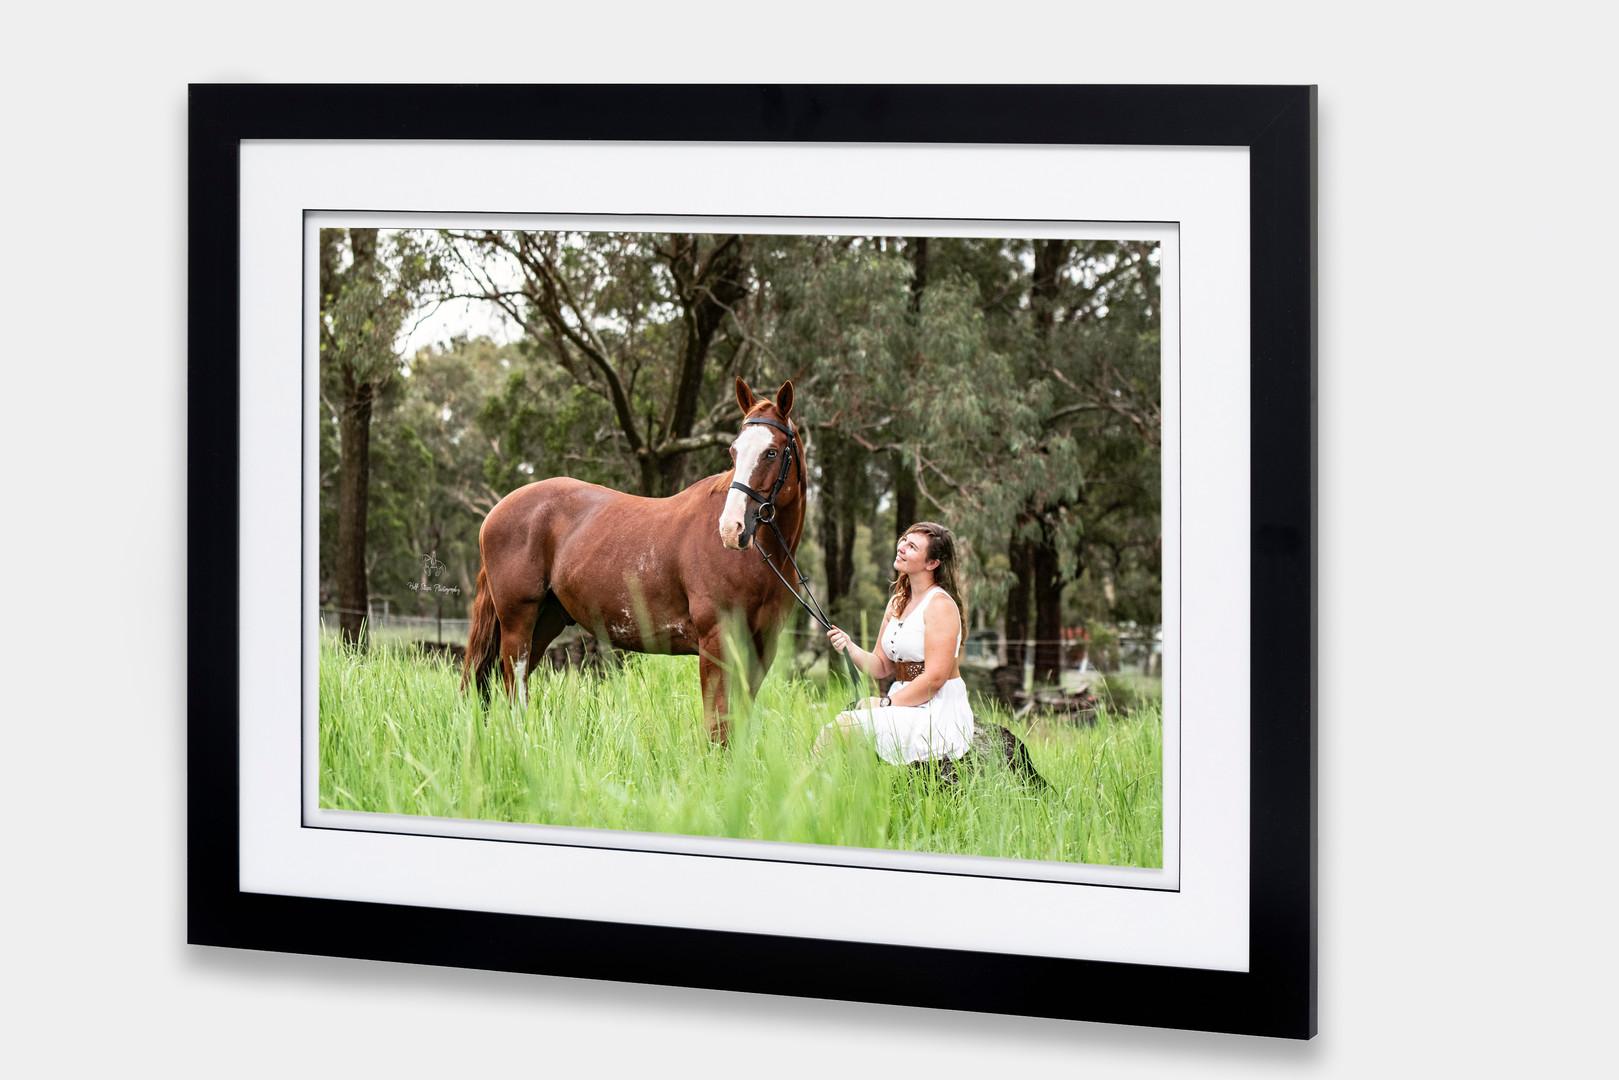 Fine Art and Frame - 5cm matt